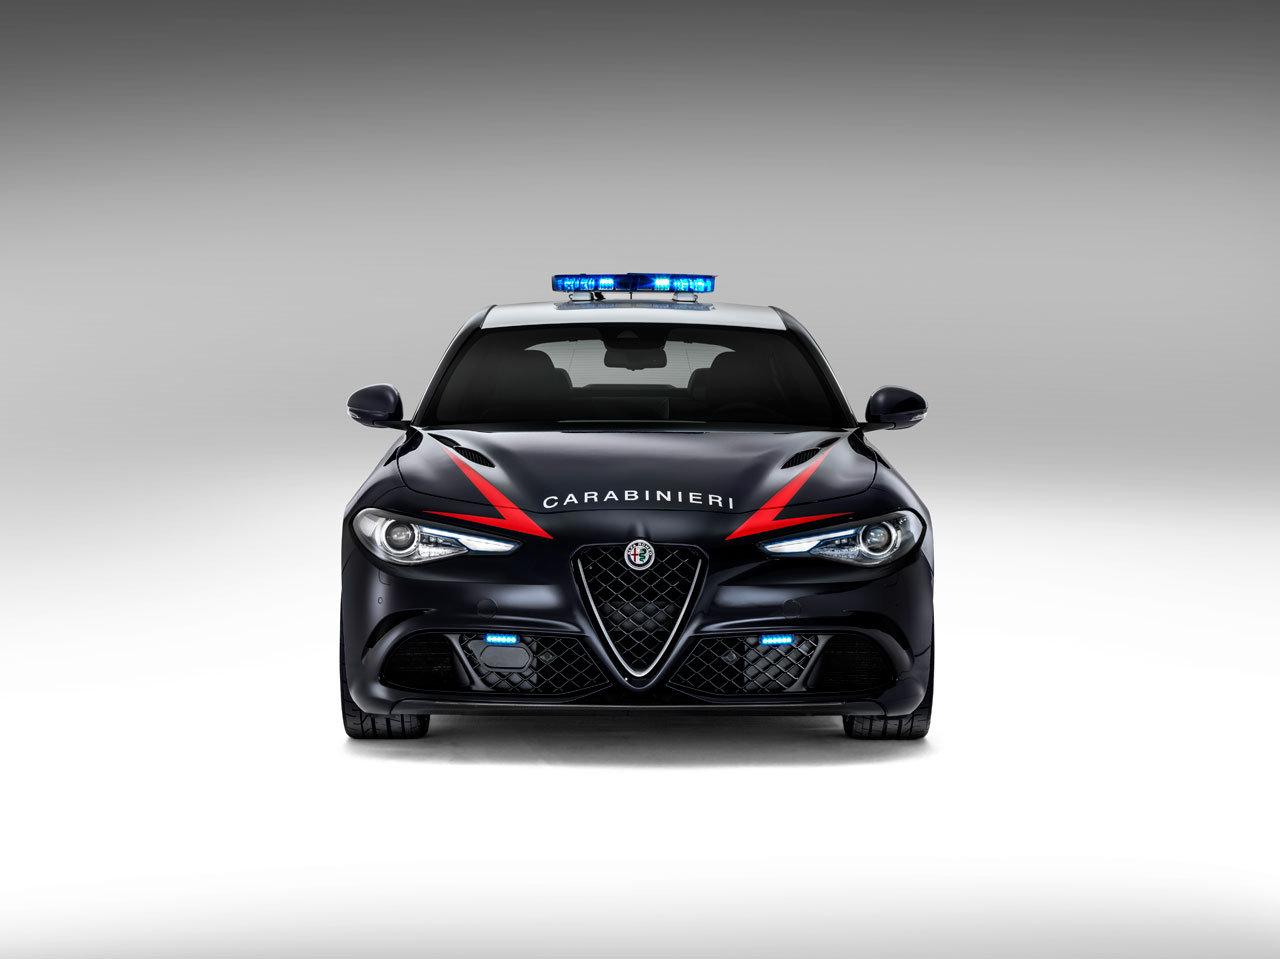 Alfa Romeo Giulia Dallas >> The Carabinieri Receive Two Alfa Romeo Giulia Quadrifoglio Sedans - autoevolution